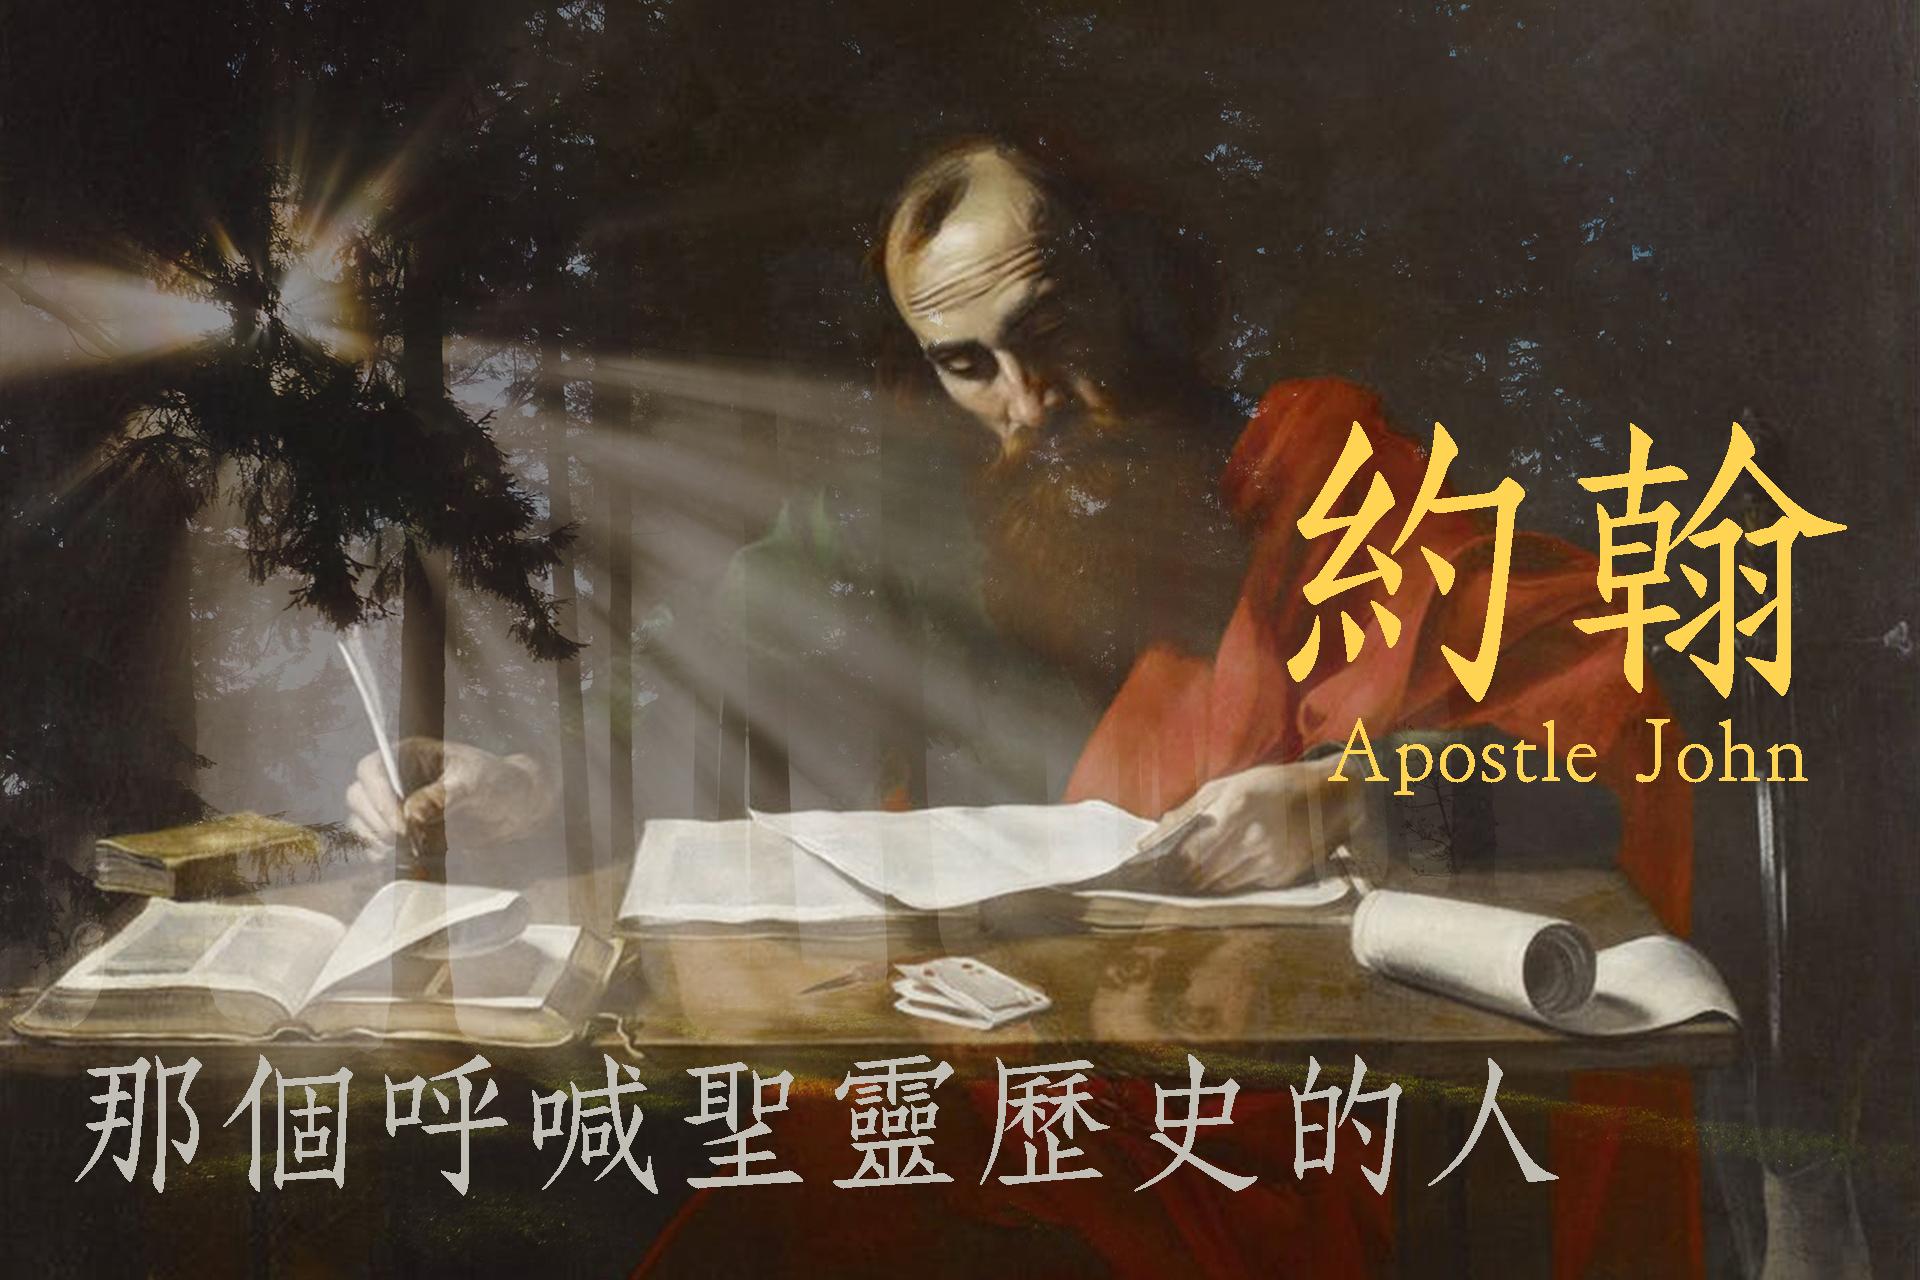 異端、邪教林立時,呼喊聖靈的人——使徒約翰(Apostle John)